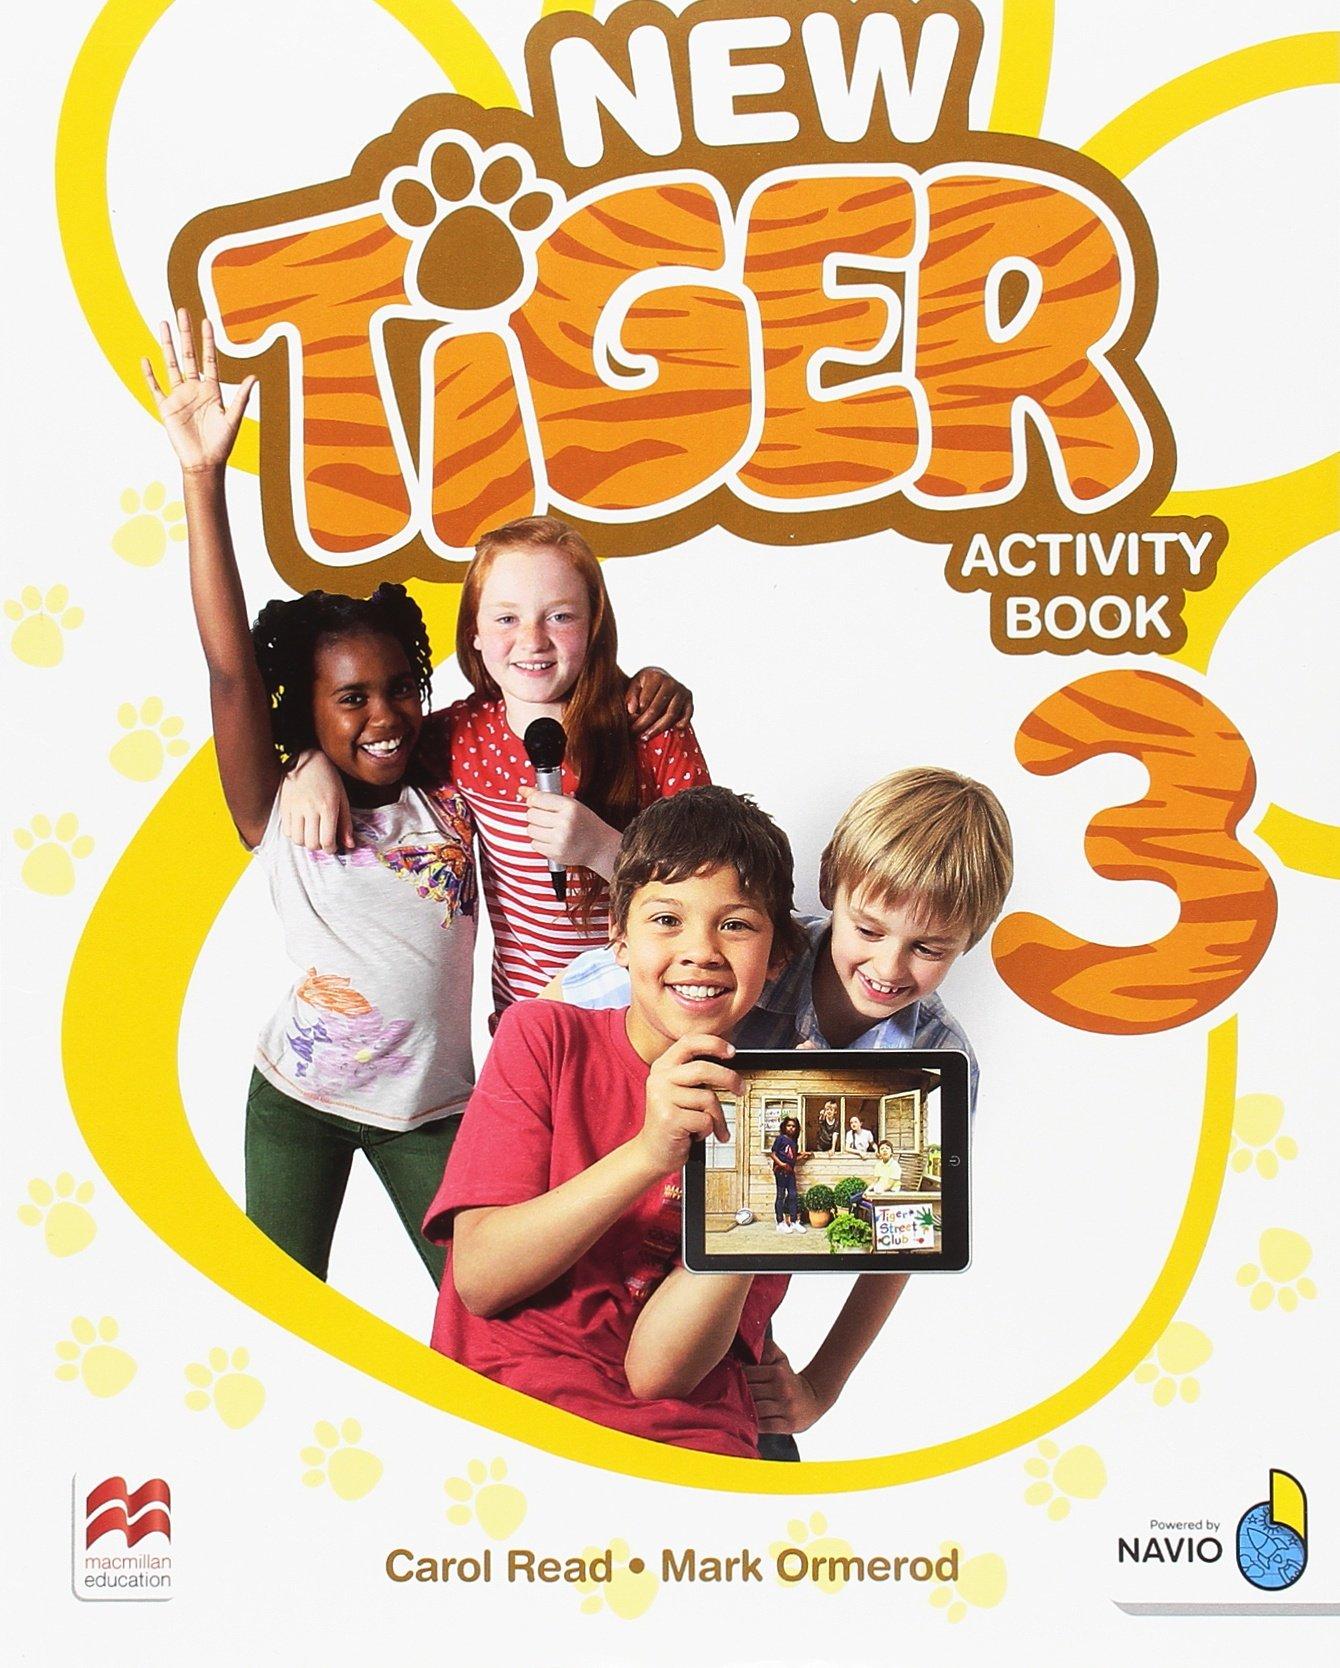 NEW TIGER 3 Ab Pk: Amazon.es: Read, C., Ormerod, M.: Libros en idiomas extranjeros